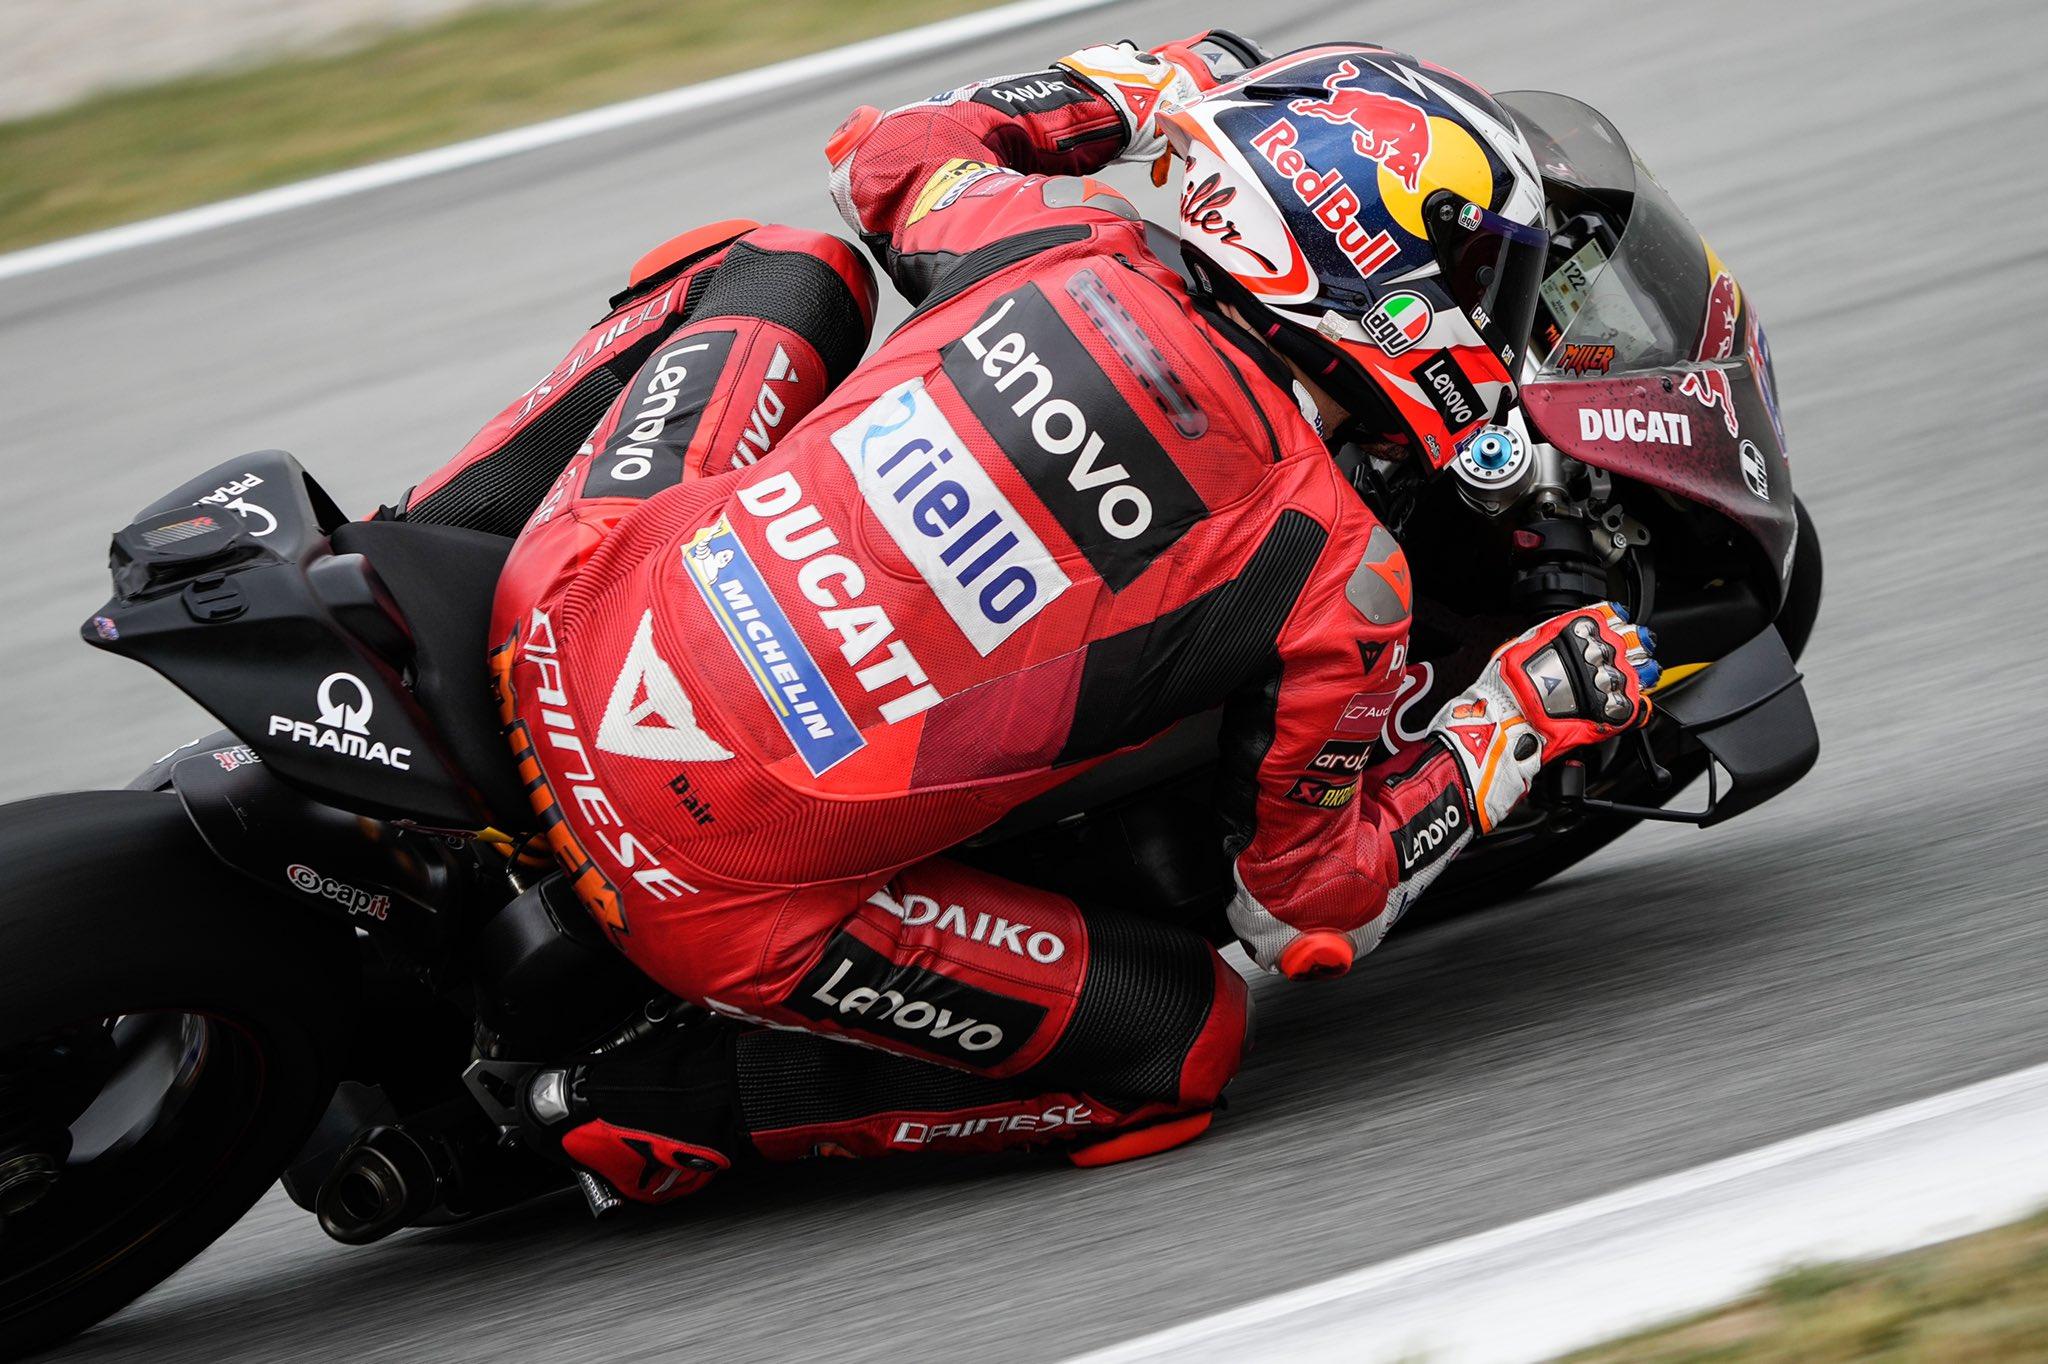 Jack Miller y Ducati continuarán juntos en 2022